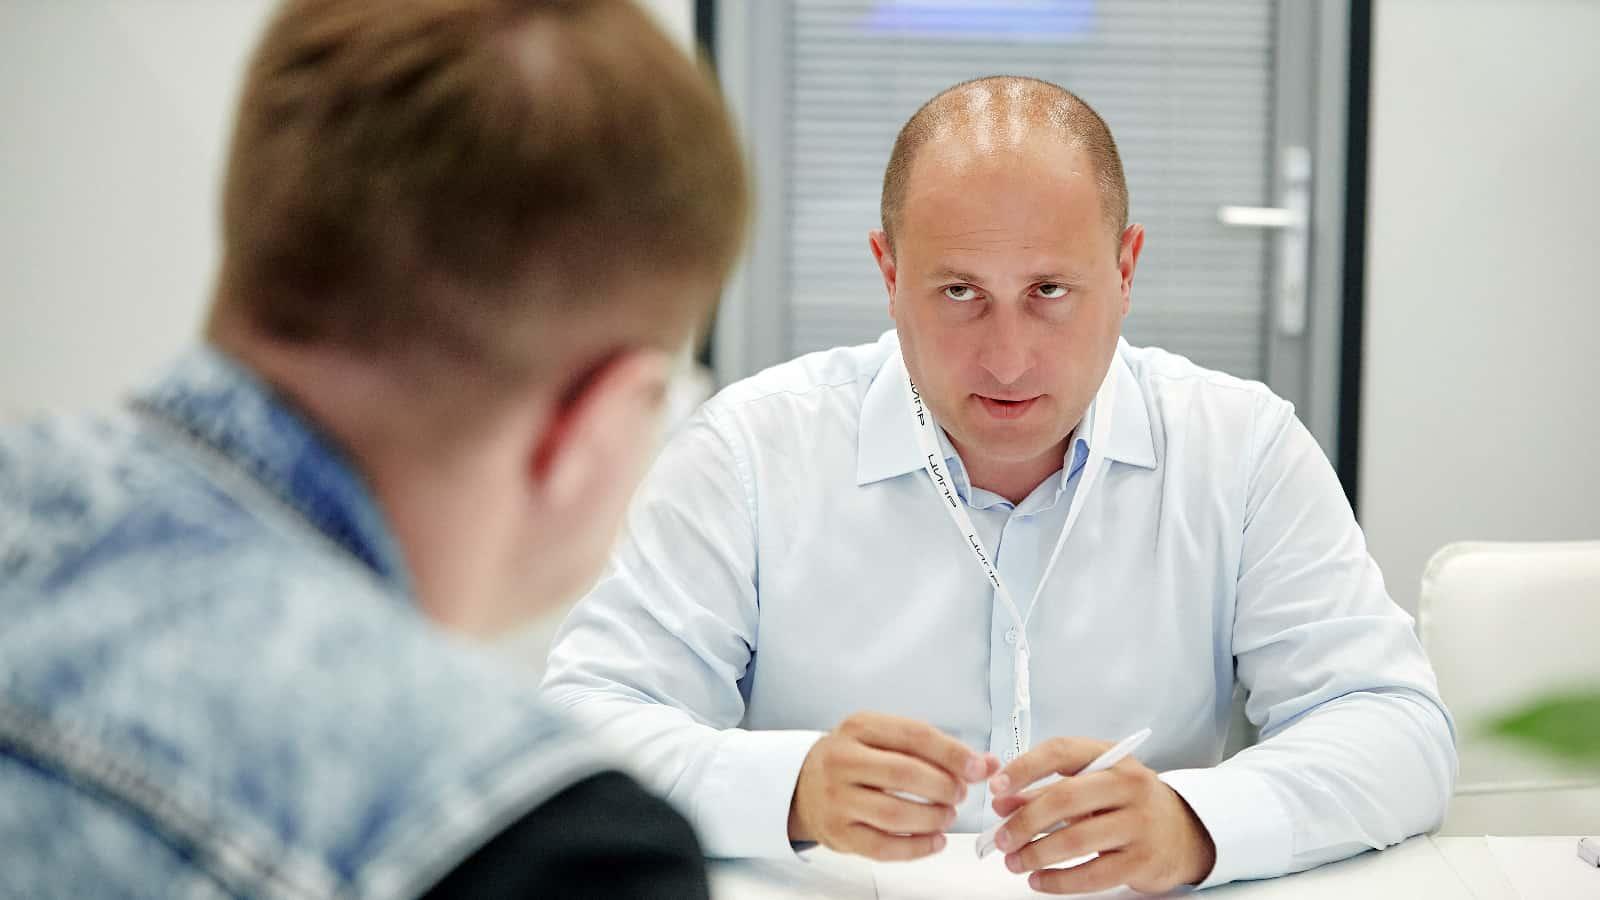 Во время конференции«ЦИПР-2021»руководитель Центра компетенций НТИ на базе Сколтеха Дмитрий Лаконцев дал интервью телеком-блогеру Сергею Вильянову, в котором рассказал о самых актуальных проблемах развития российского рынка сотовой связи. Приводим выдержки…